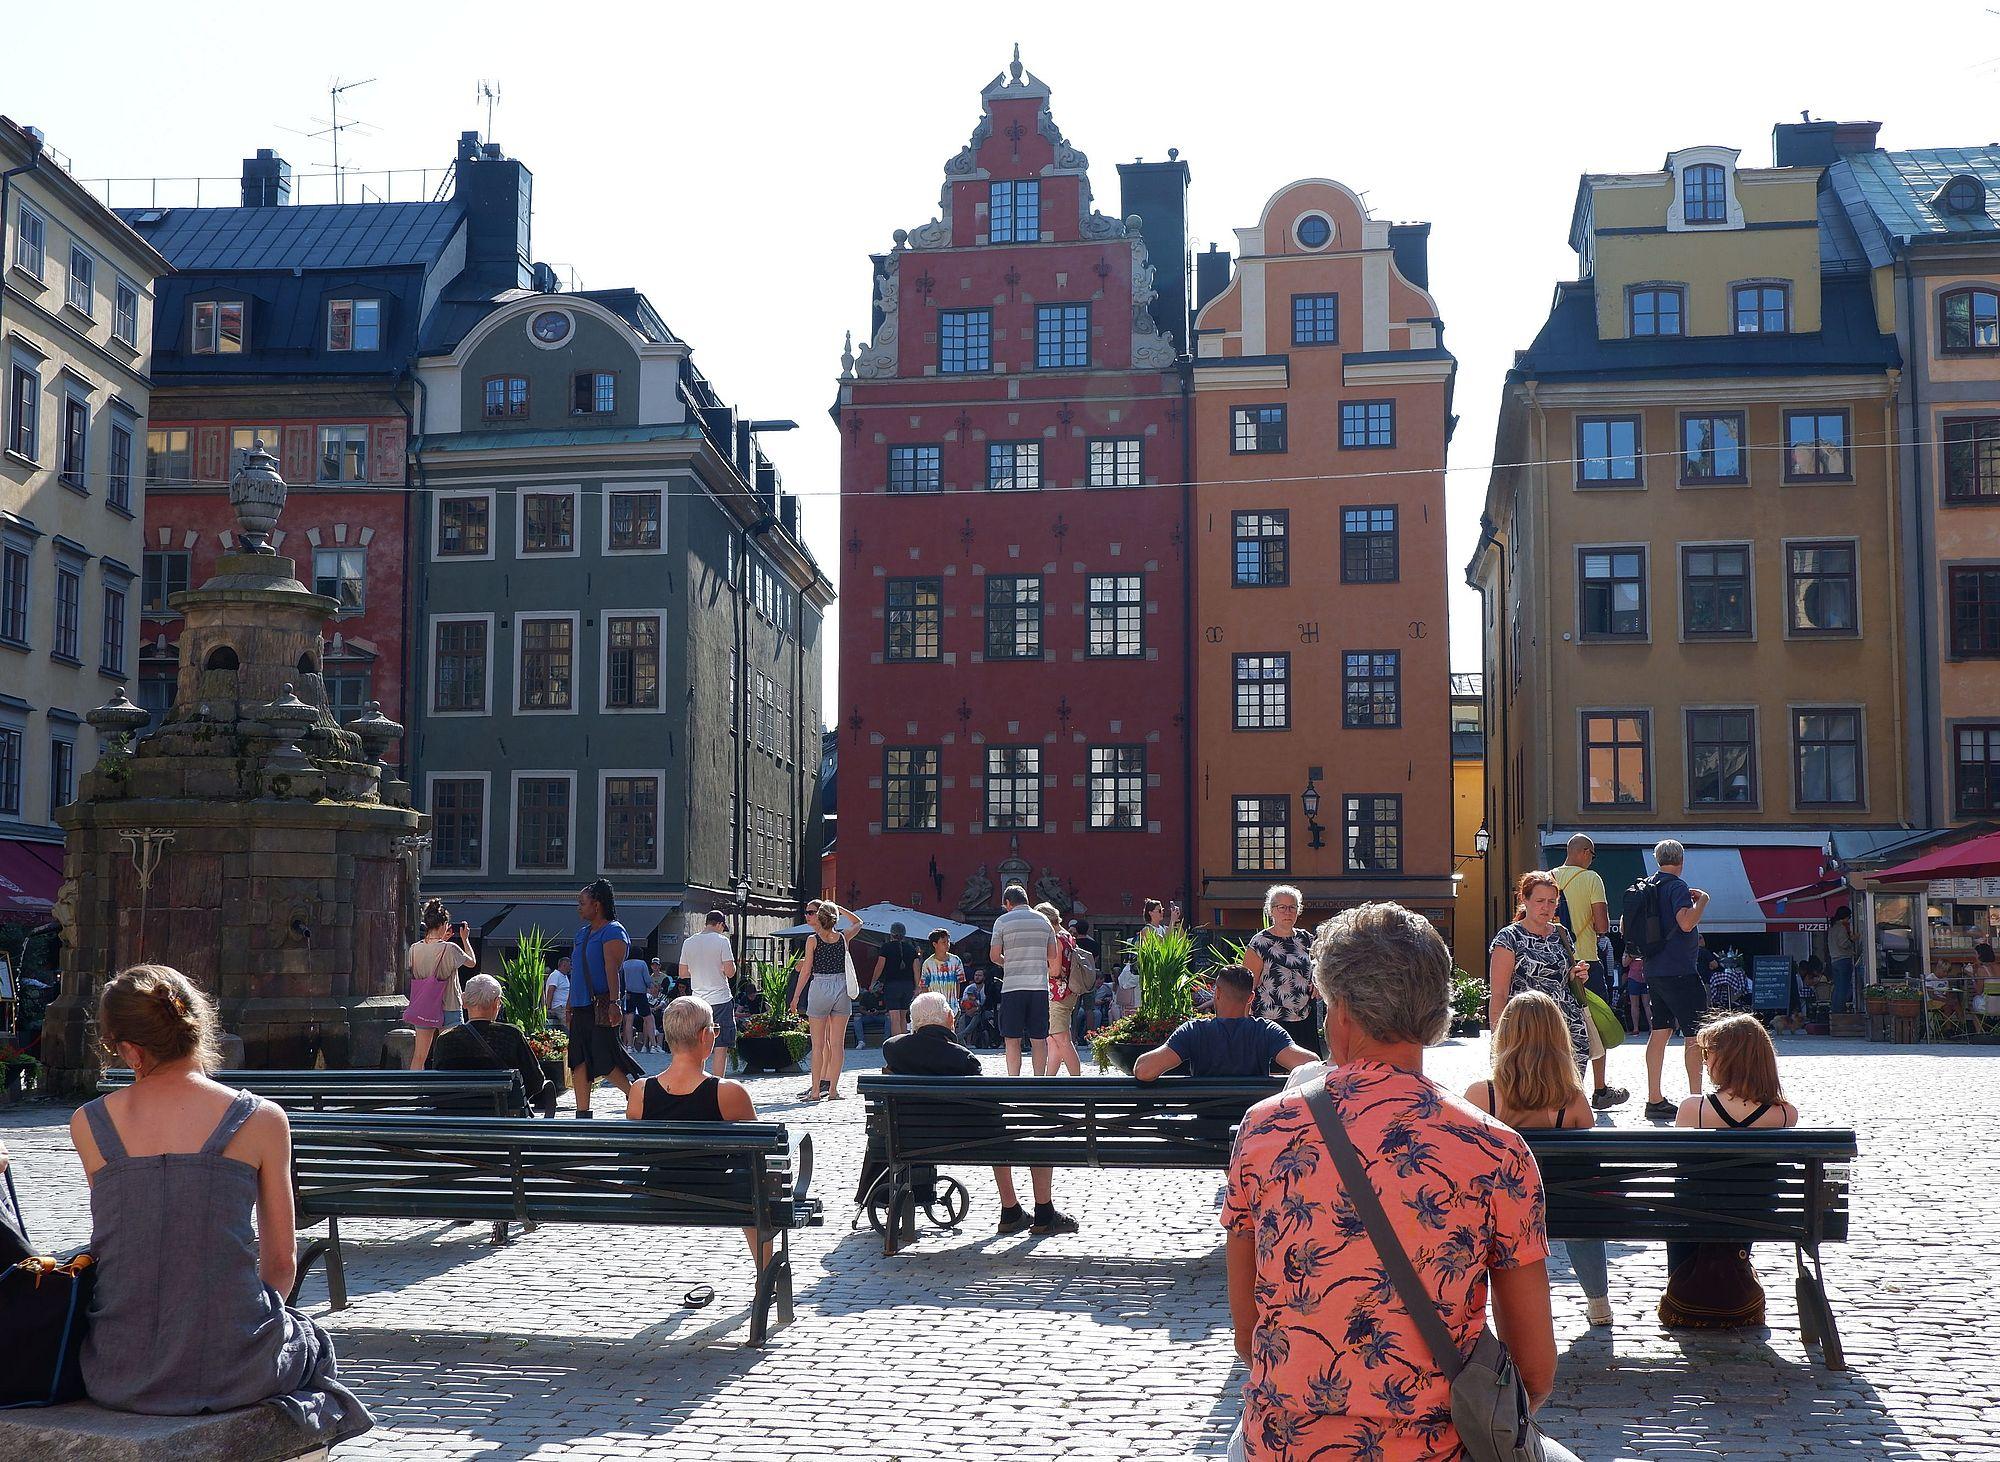 La vieille ville (Gamla Stan) de Stockholm avec son sol pavé, ses immeubles colorés et ses touristes.